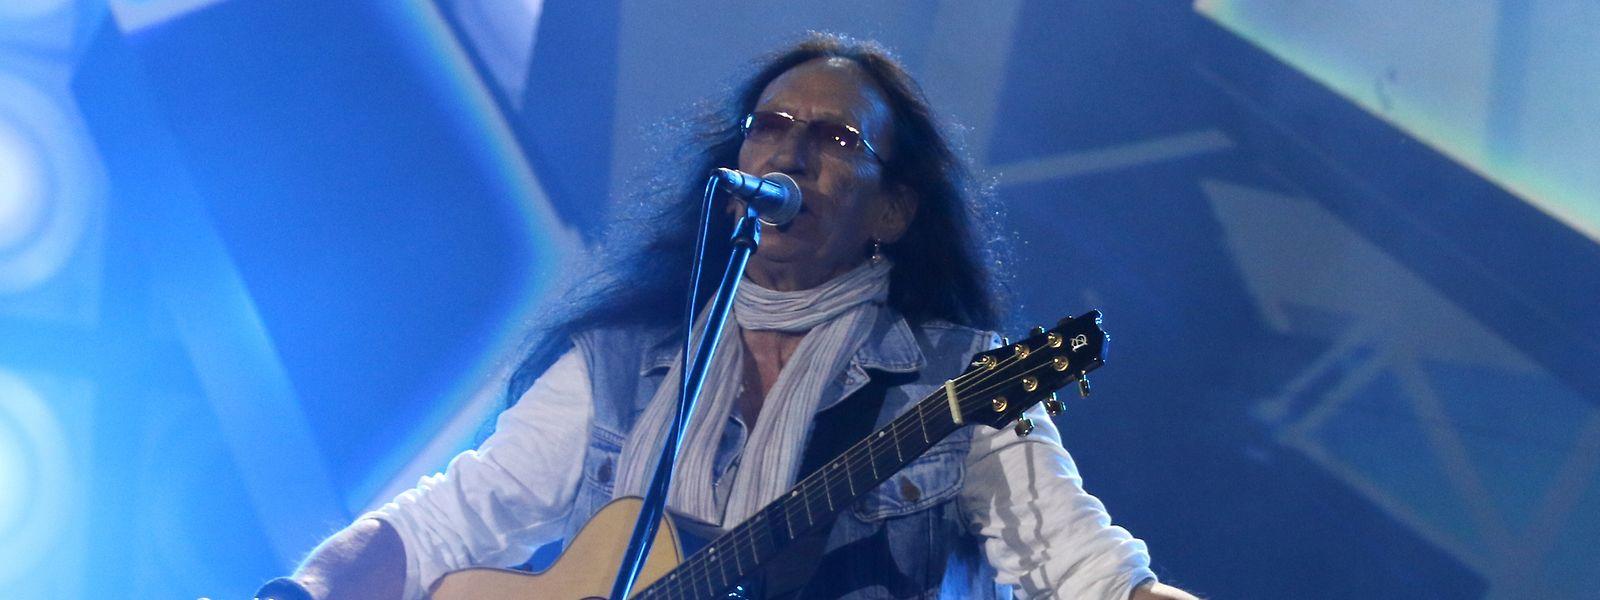 Ken Hensley, ehemaliger Keyboardspieler von Uriah Heep, während einem Konzert (undatierte Aufnahme).